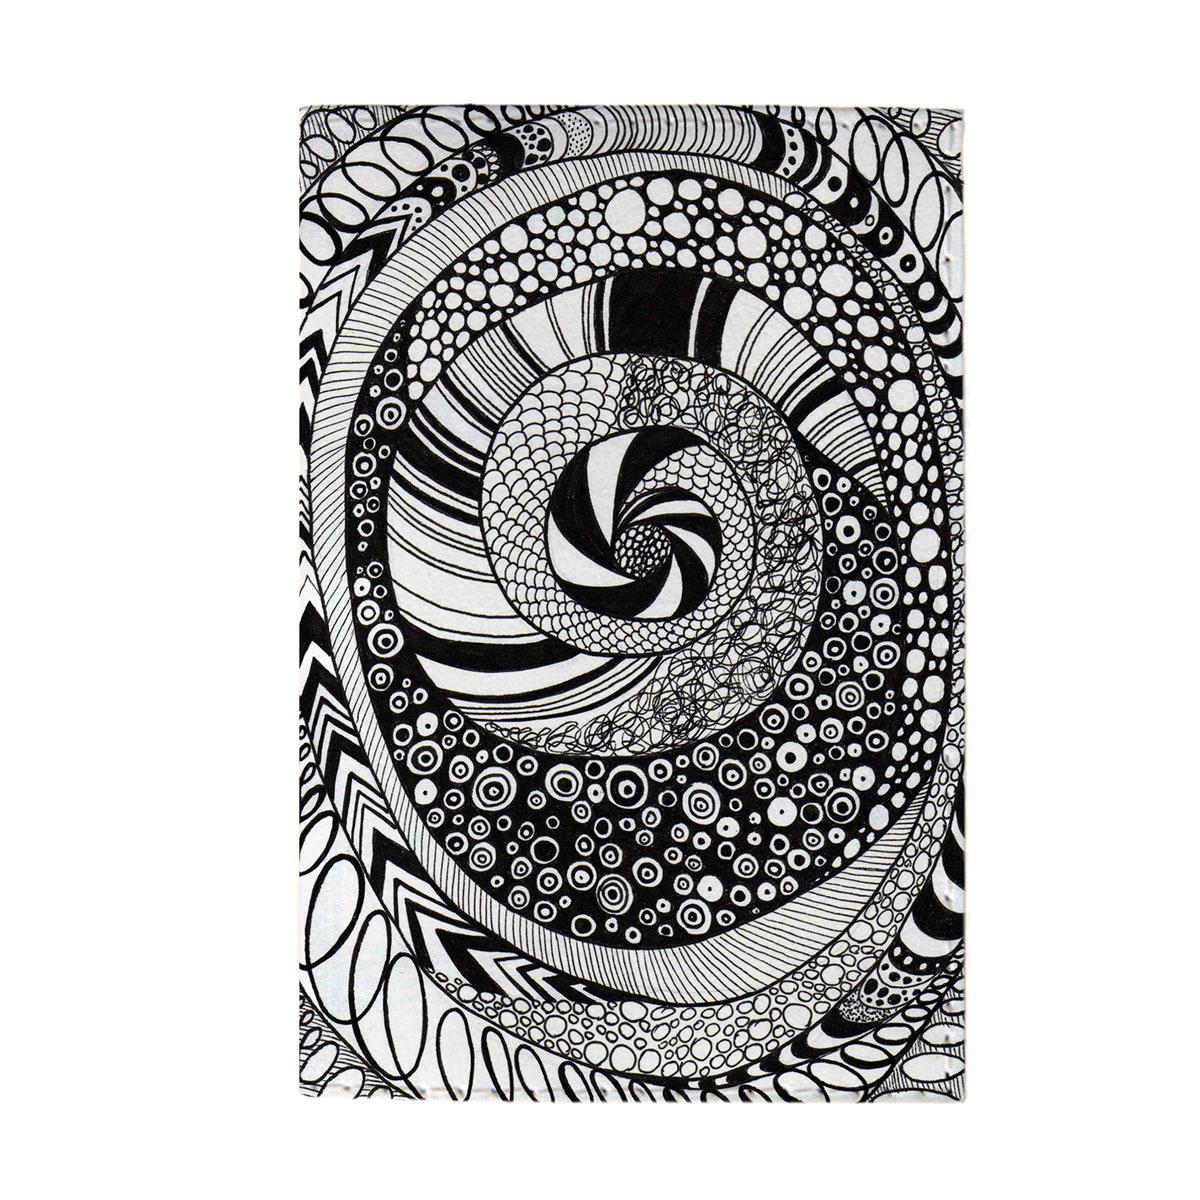 Обложка для паспорта Mitya Veselkov Дудлинг, цвет: черный, белый. OZAM401OP-10 узорОбложка для паспорта Mitya Veselkov Дудлинг не только поможет сохранить внешний вид ваших документов и защитить их от повреждений, но и станет стильным аксессуаром, идеально подходящим вашему образу.Она выполнена из поливинилхлорида, внутри имеет два вертикальных кармашка из прозрачного пластика.Такая обложка поможет вам подчеркнуть свою индивидуальность и неповторимость!Обложка для паспорта стильного дизайна может быть достойным и оригинальным подарком.